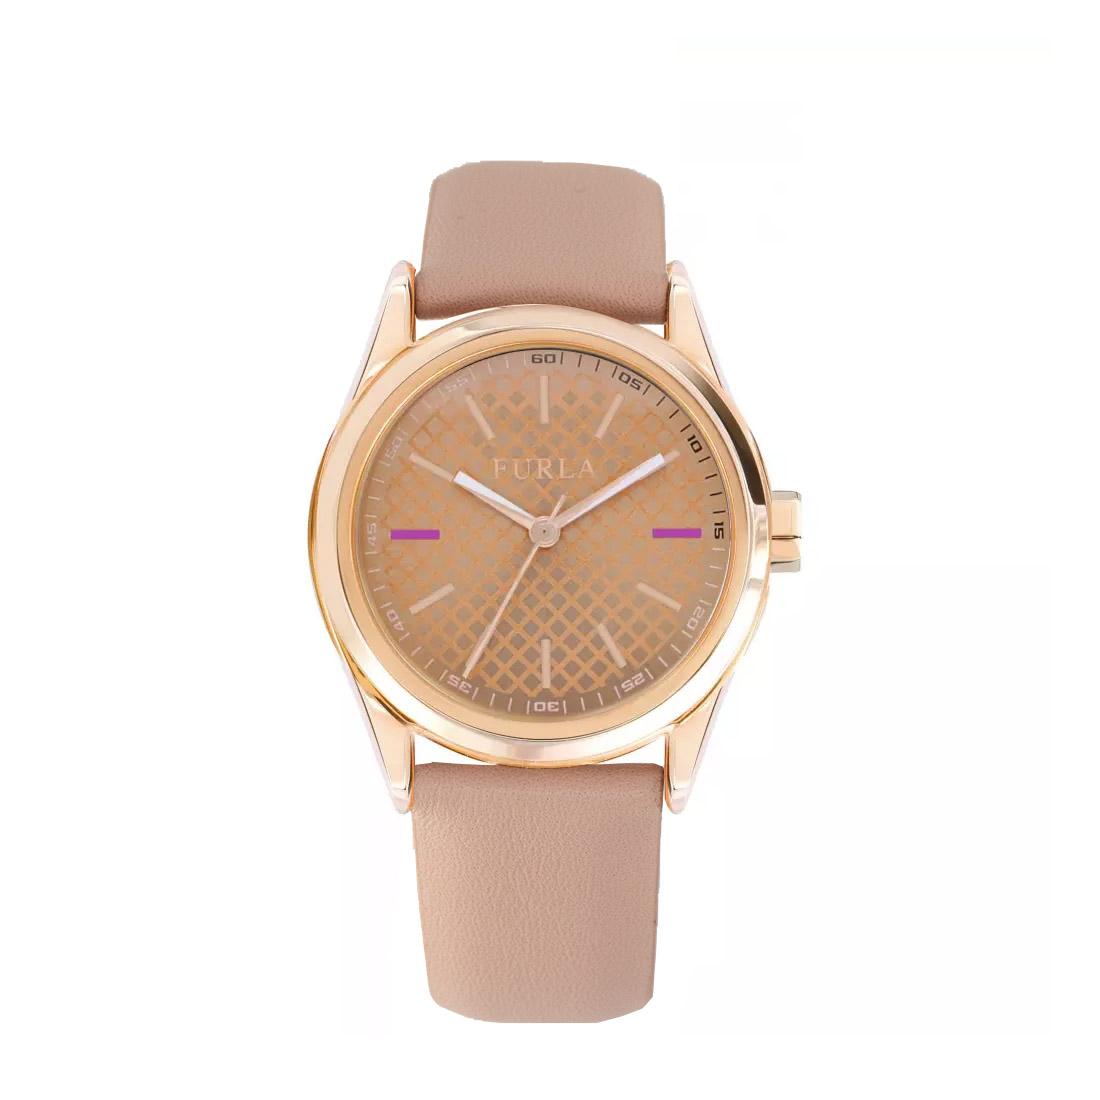 【全品送料無料】 フルラ FURLA EVA35 エヴァ35 R4251101502 レディース 時計 腕時計 クオーツ